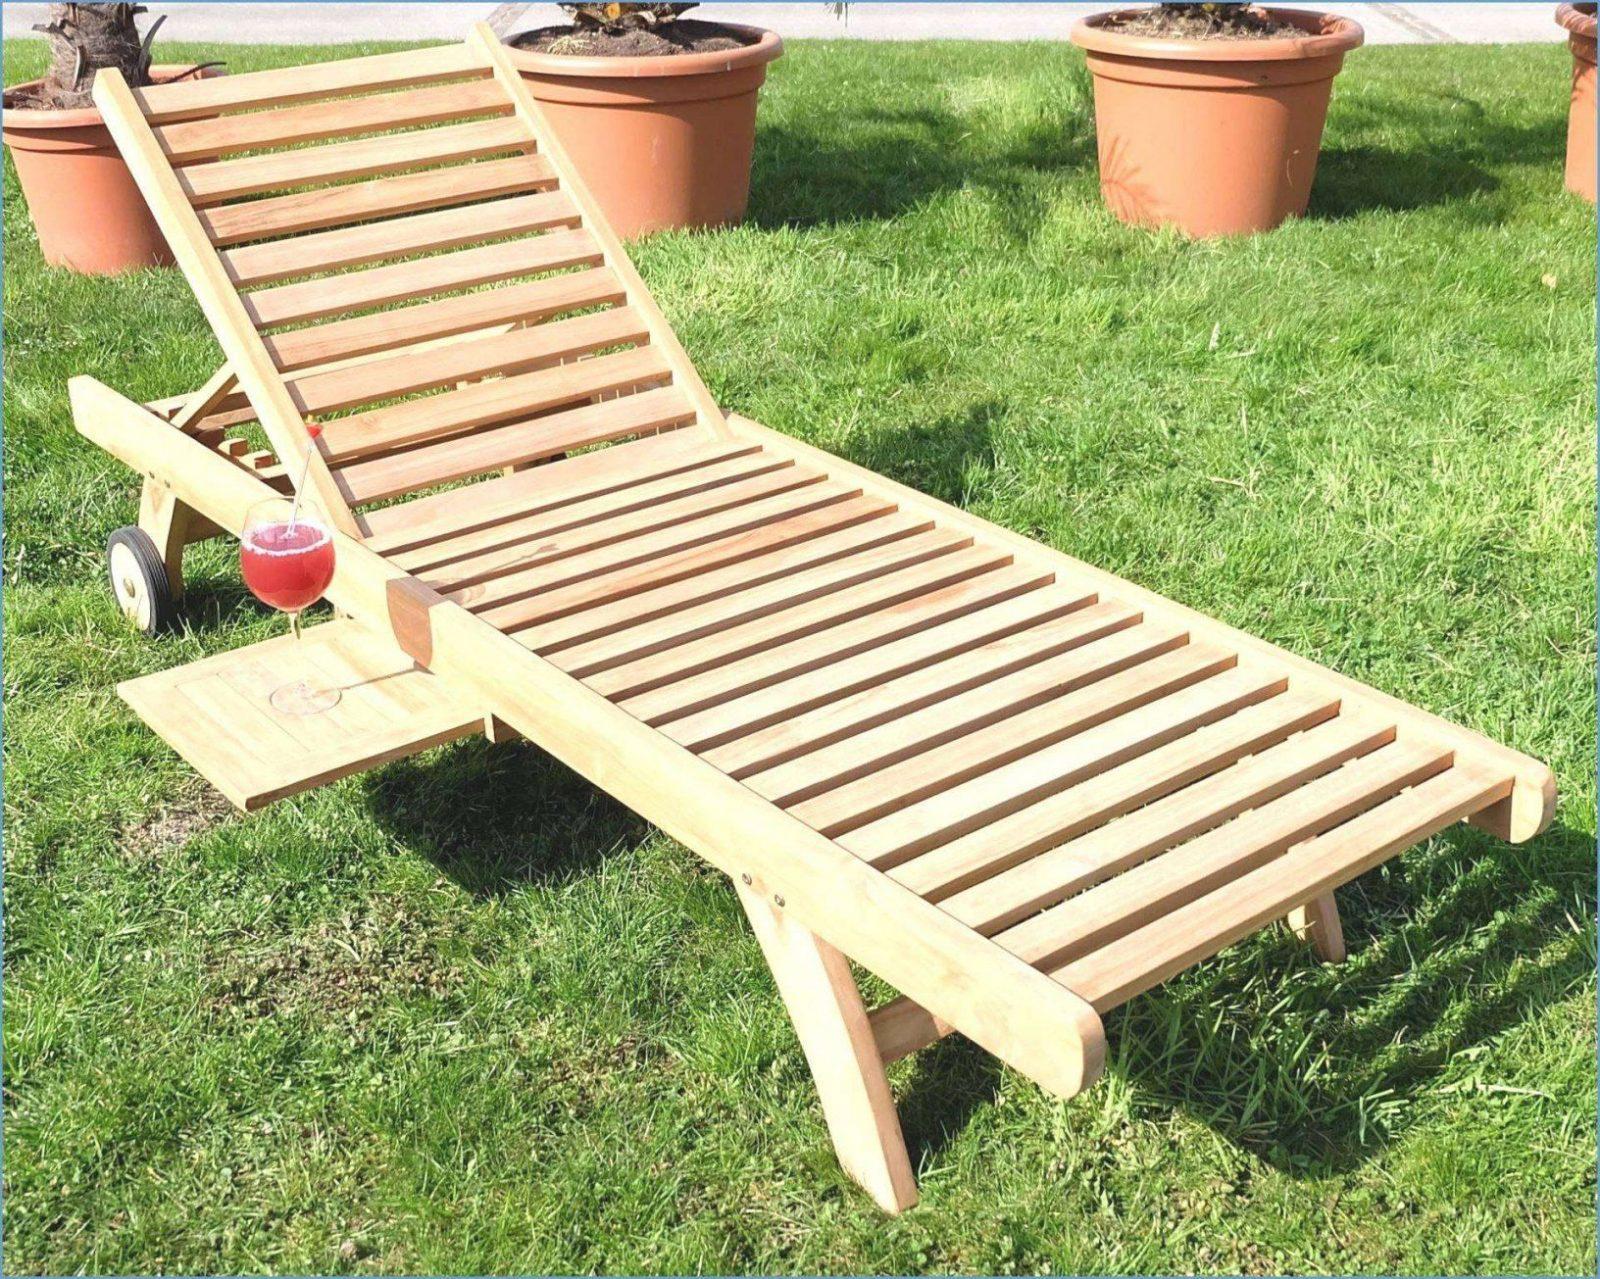 Gartenliege Holz Selber Bauen Gartenliege Holz Selber Von Design von Gartenliege Holz Selber Bauen Bild